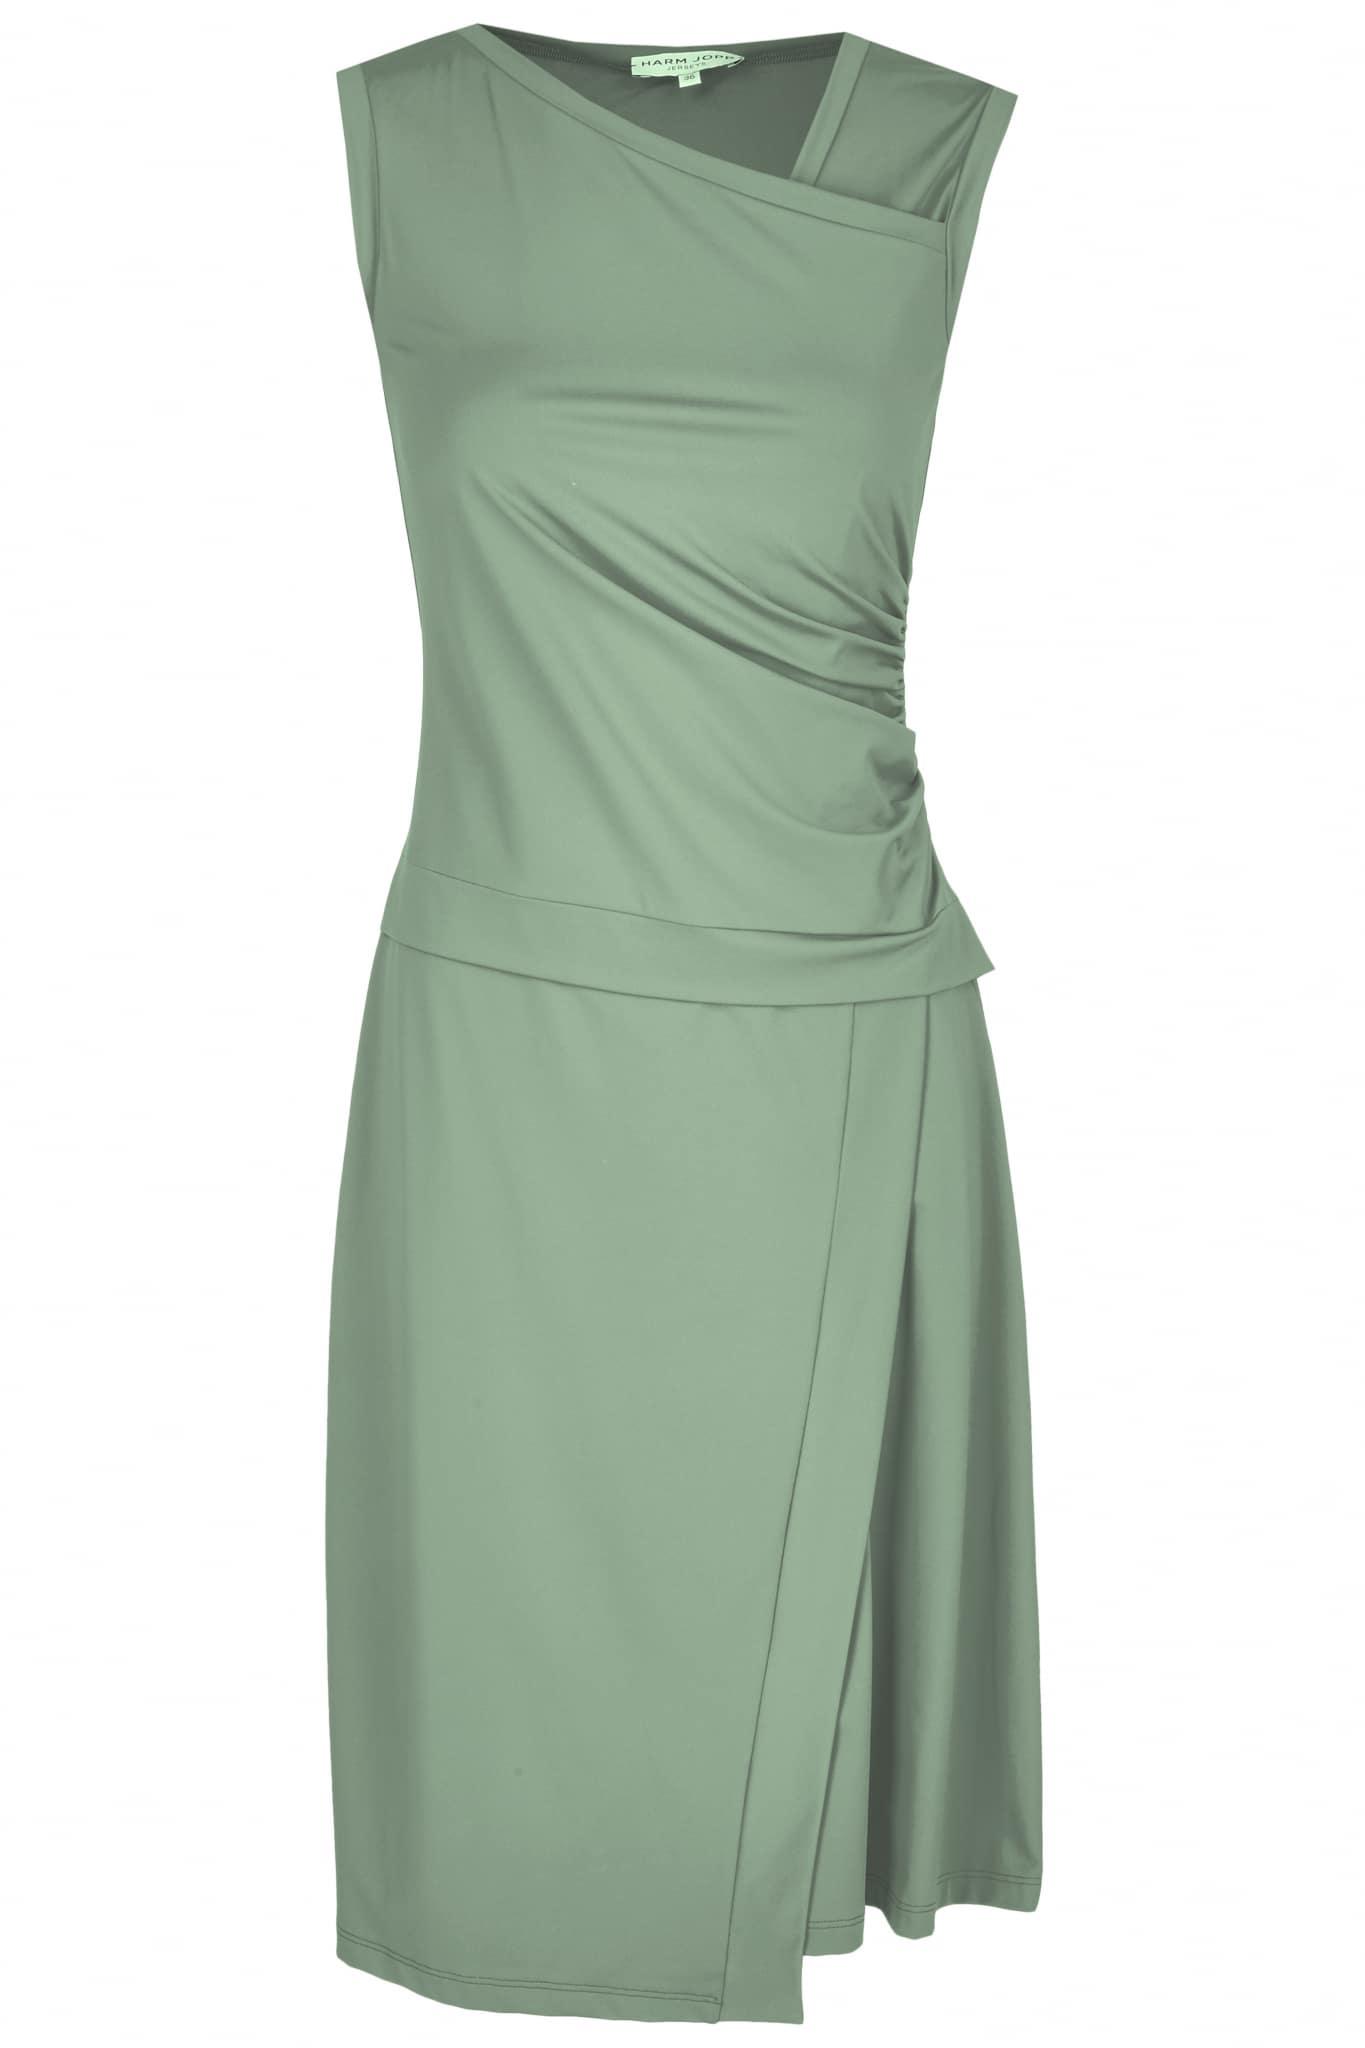 Kleid_Audrey 1 pastell grün